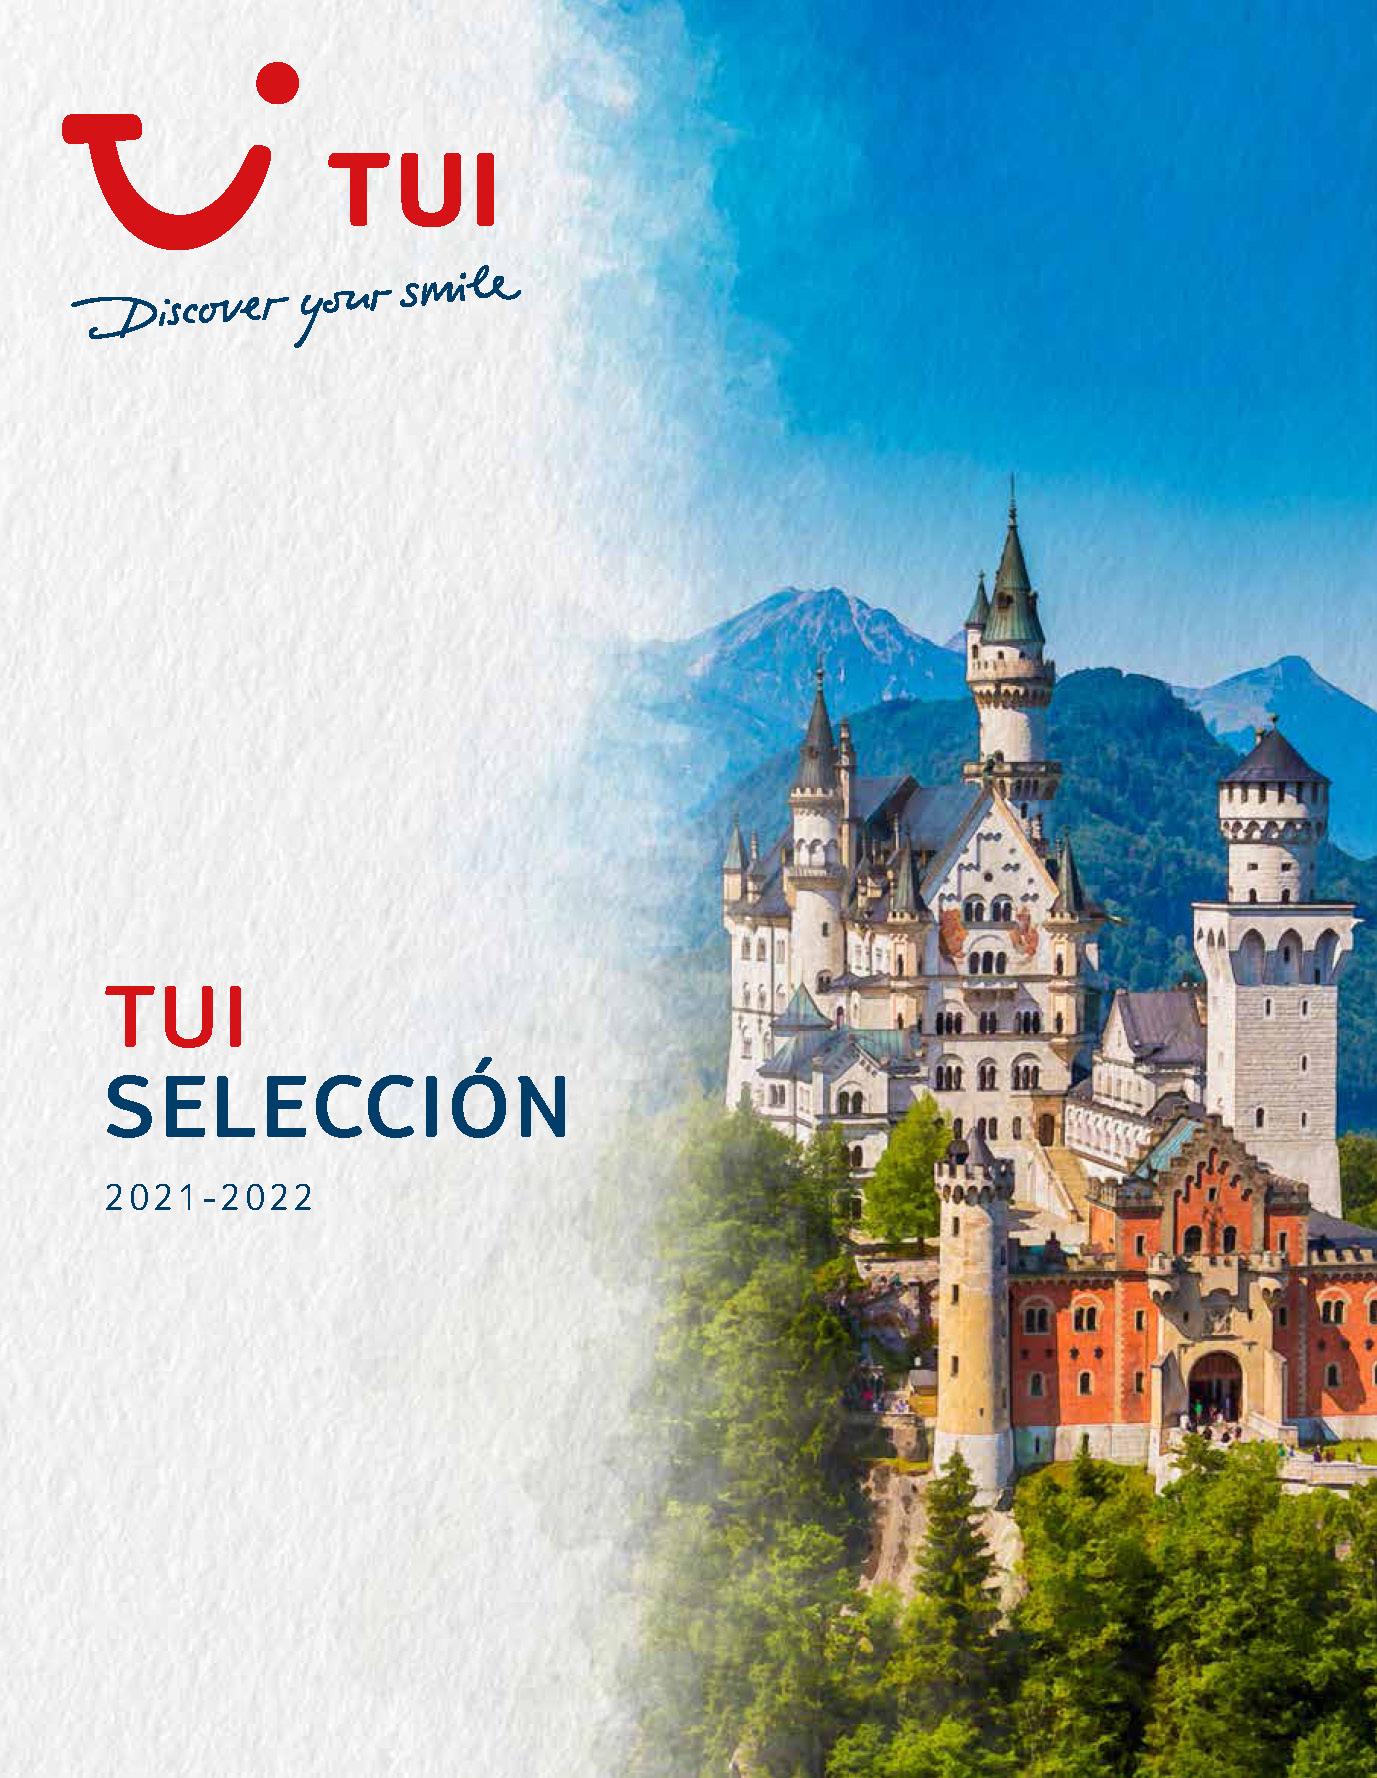 Catalogo TUI Europa Seleccion 2021-2022